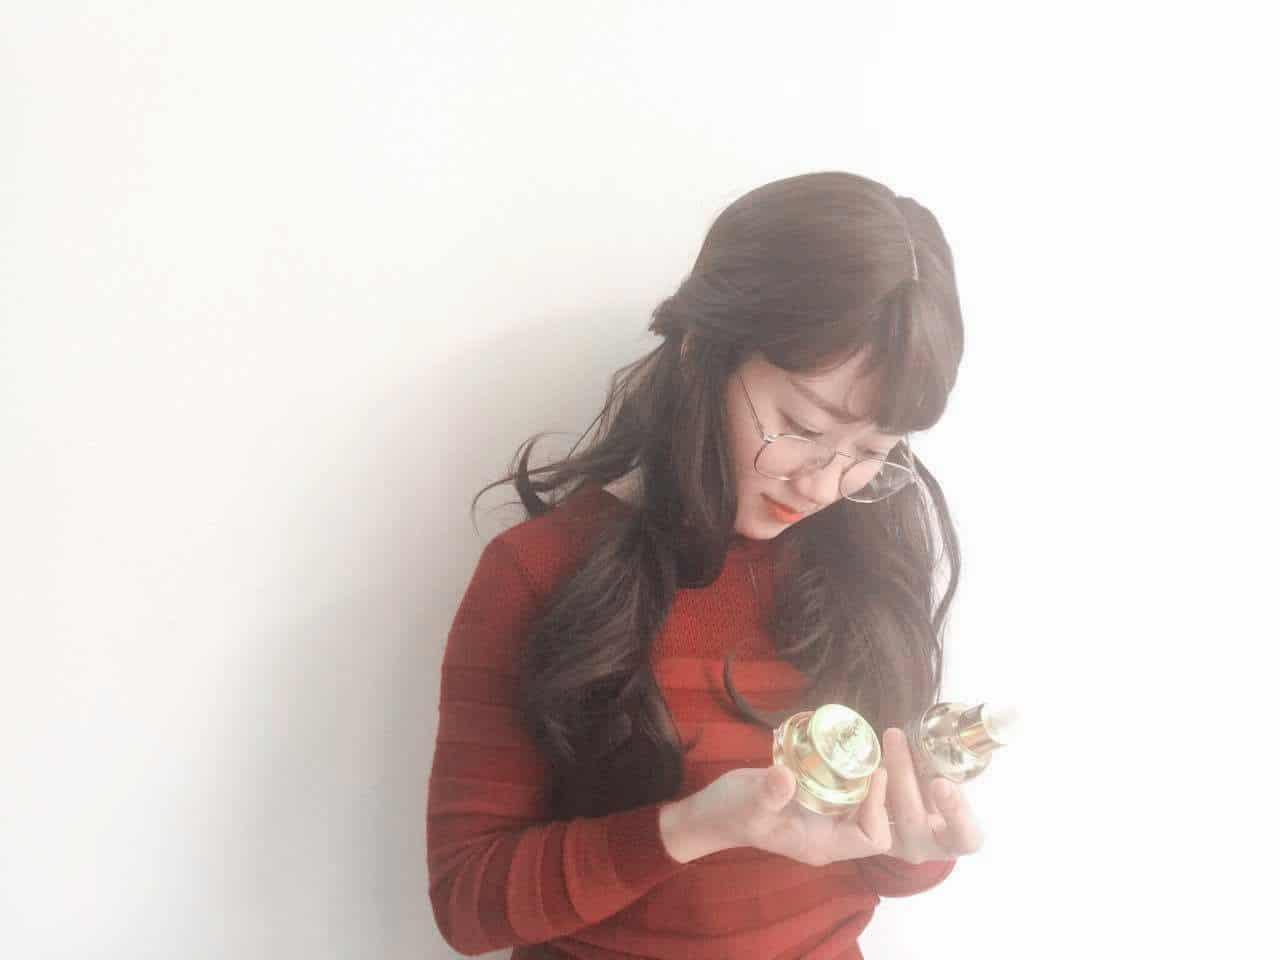 Cô gái Chư Sê với mơ ước khởi nghiệp từ các sản phẩm quê hương